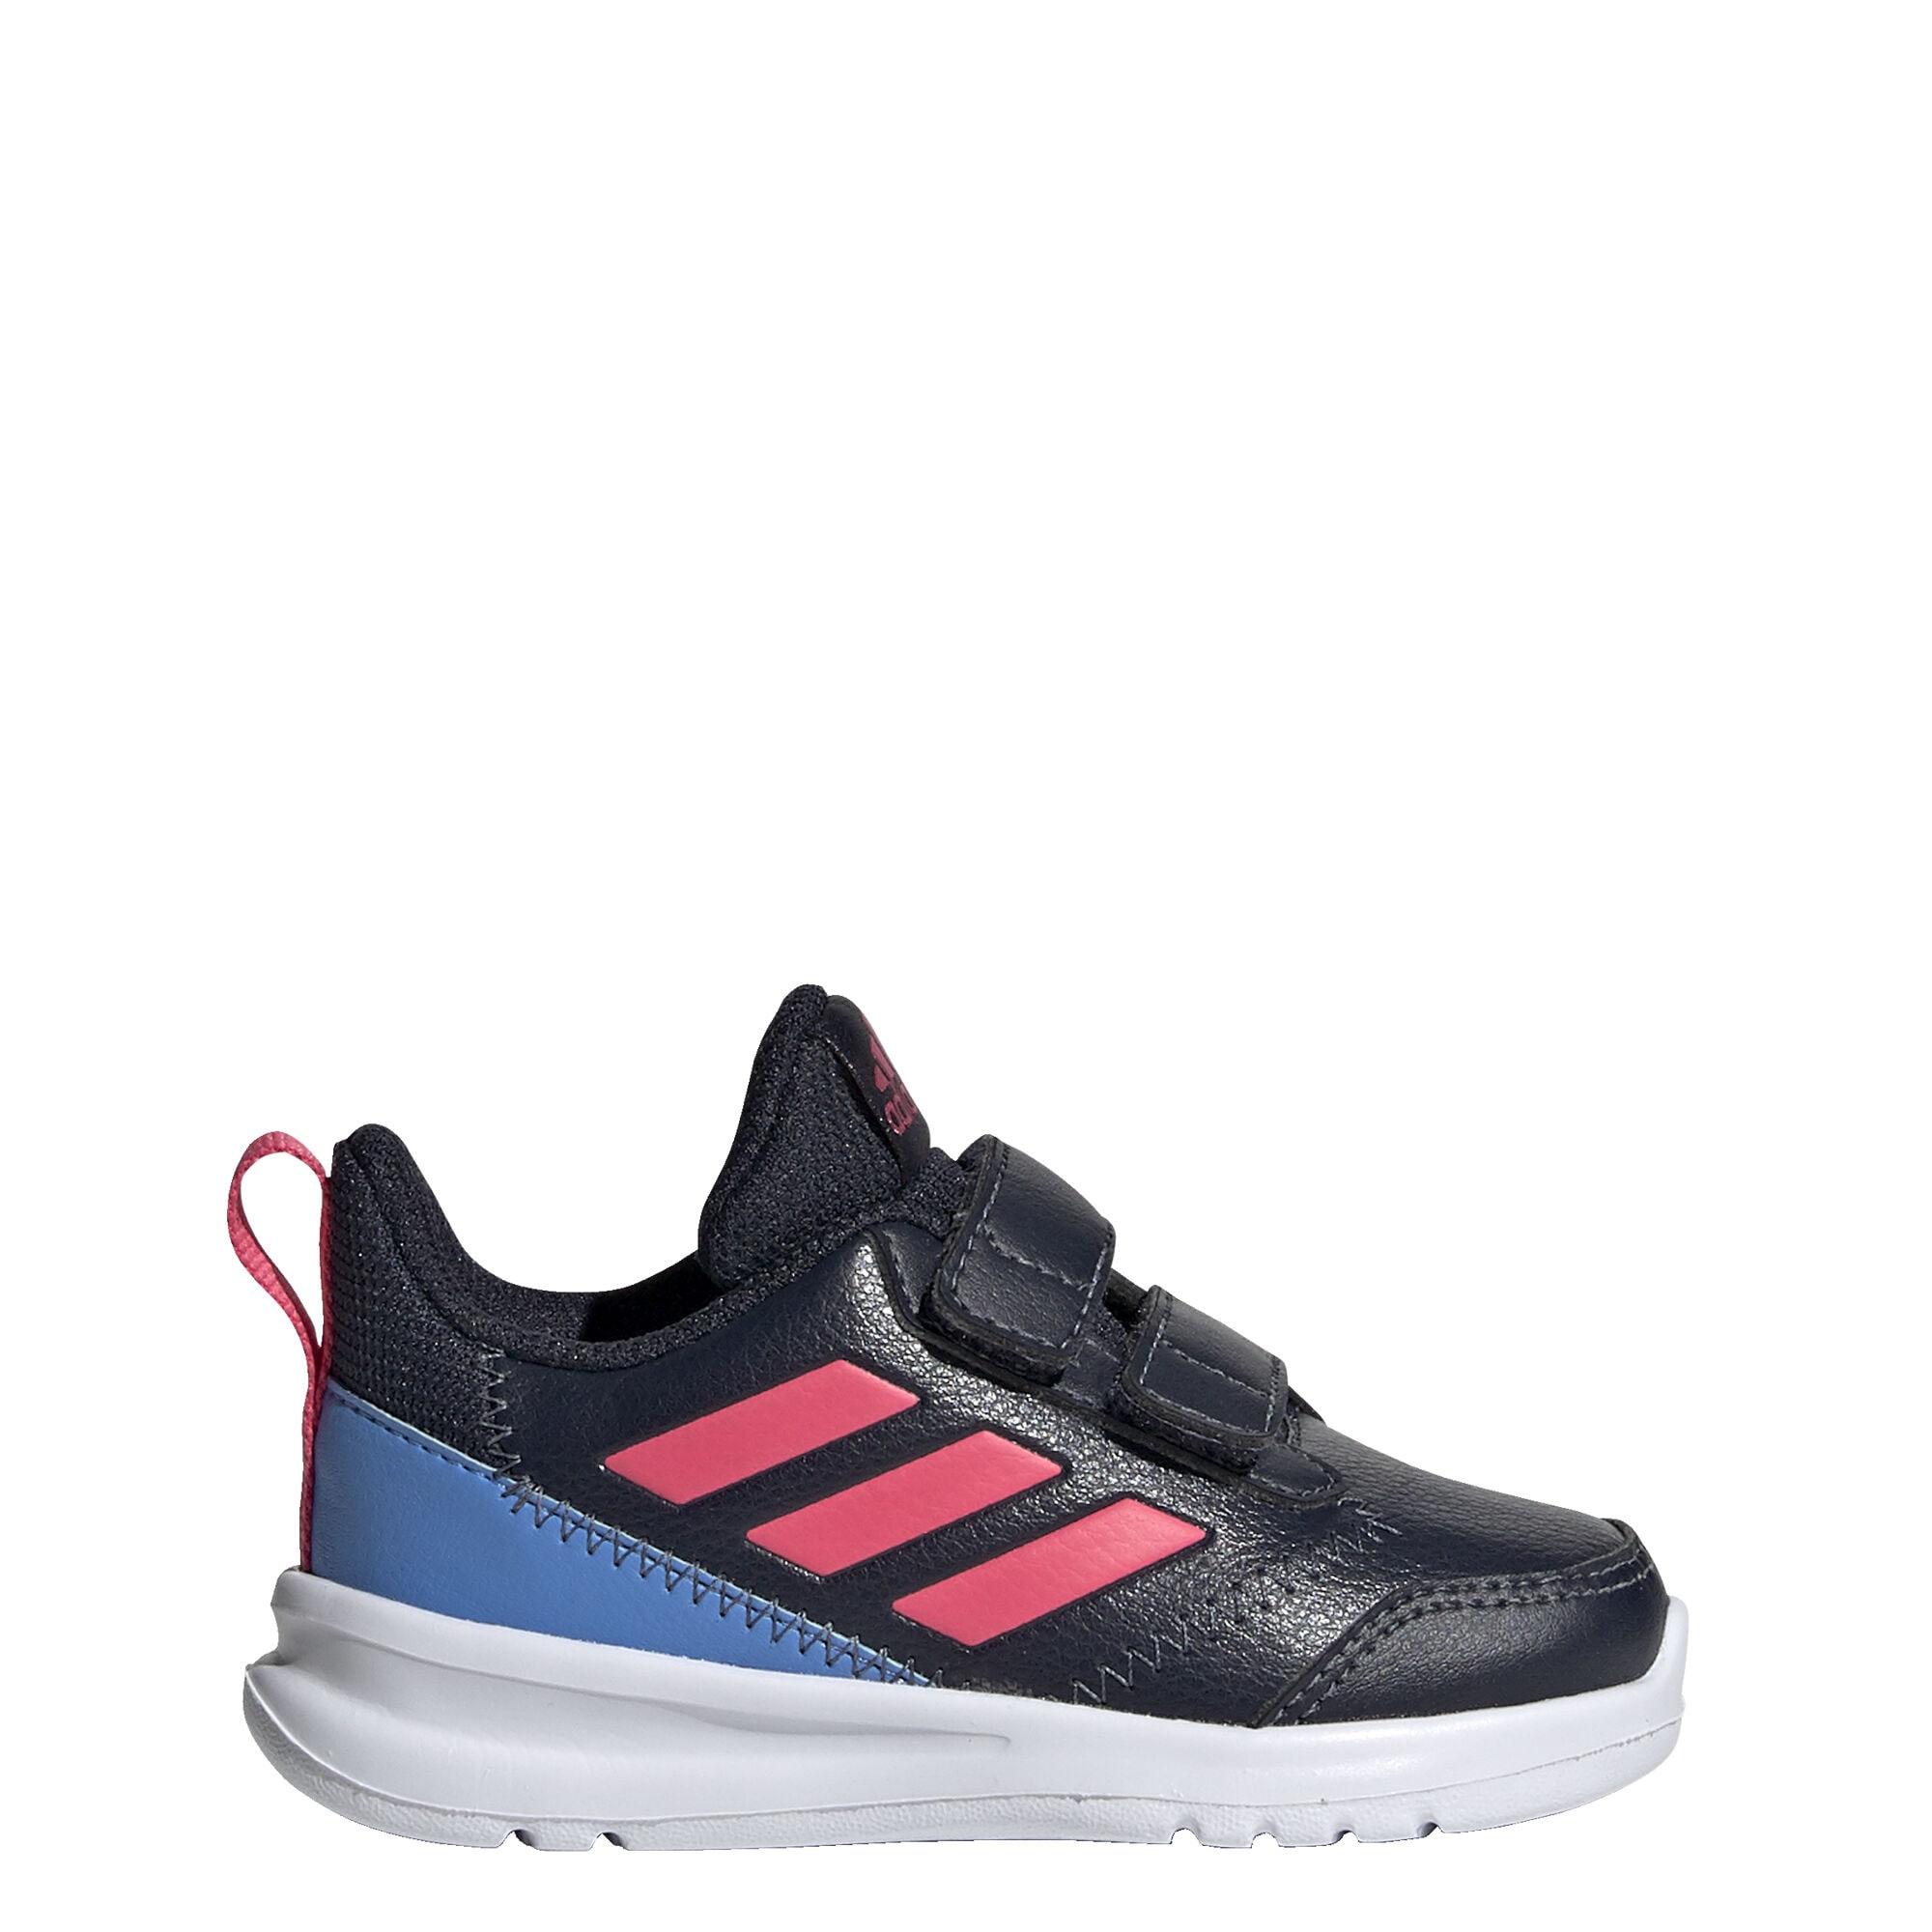 Sportovní boty AltaRun modrá tmavě modrá pink ADIDAS PERFORMANCE